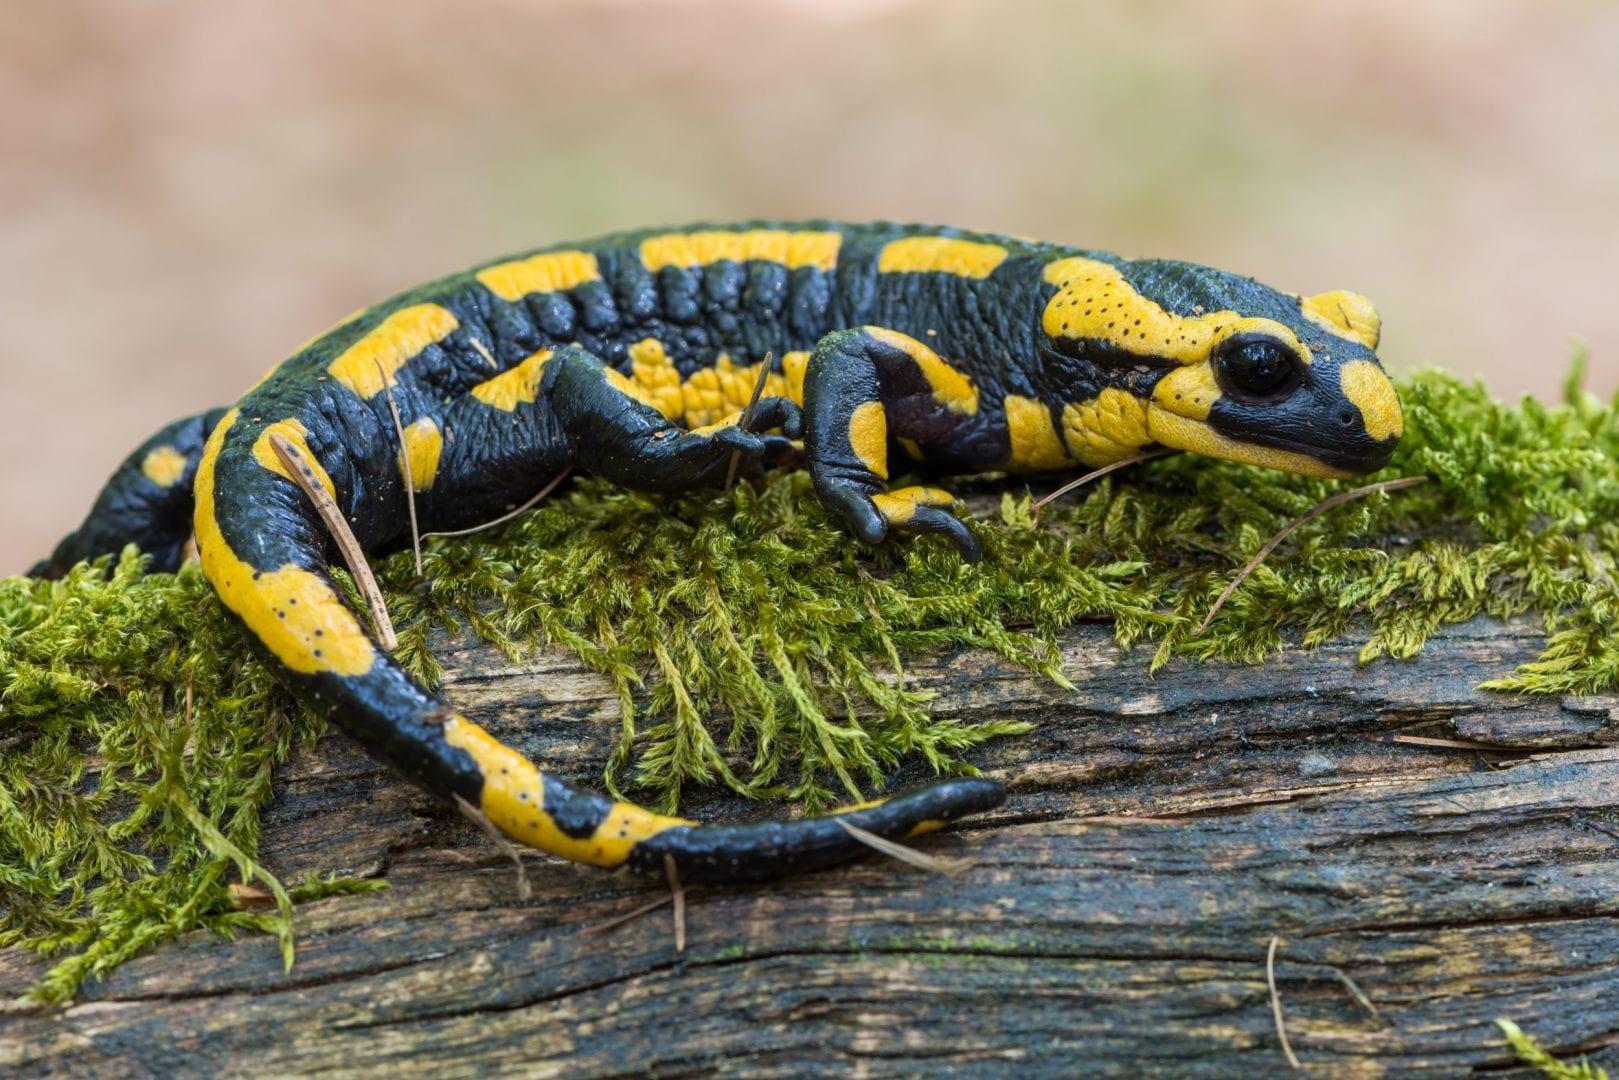 Salamandra - Características, tipos de espécies e curiosidades